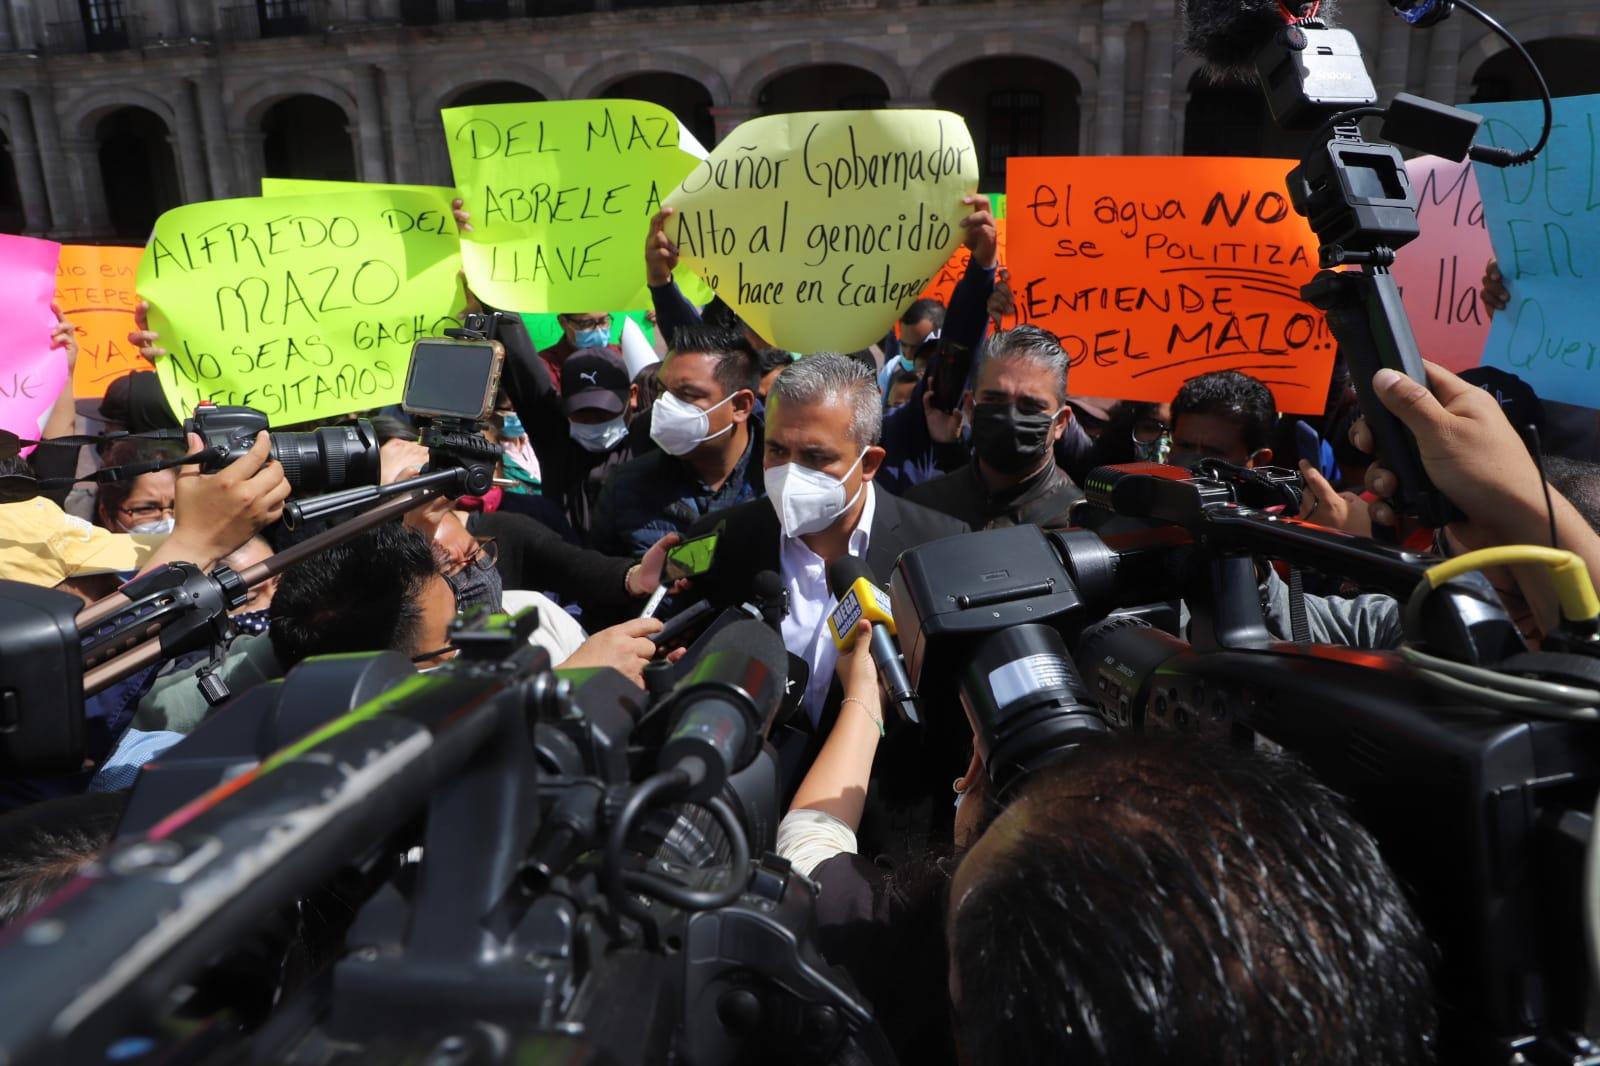 Alcalde y vecinos de Ecatepec protestan contra gobierno del Edomex por recorte de 18 millones de litros de agua diarios desde el inicio de la pandemia